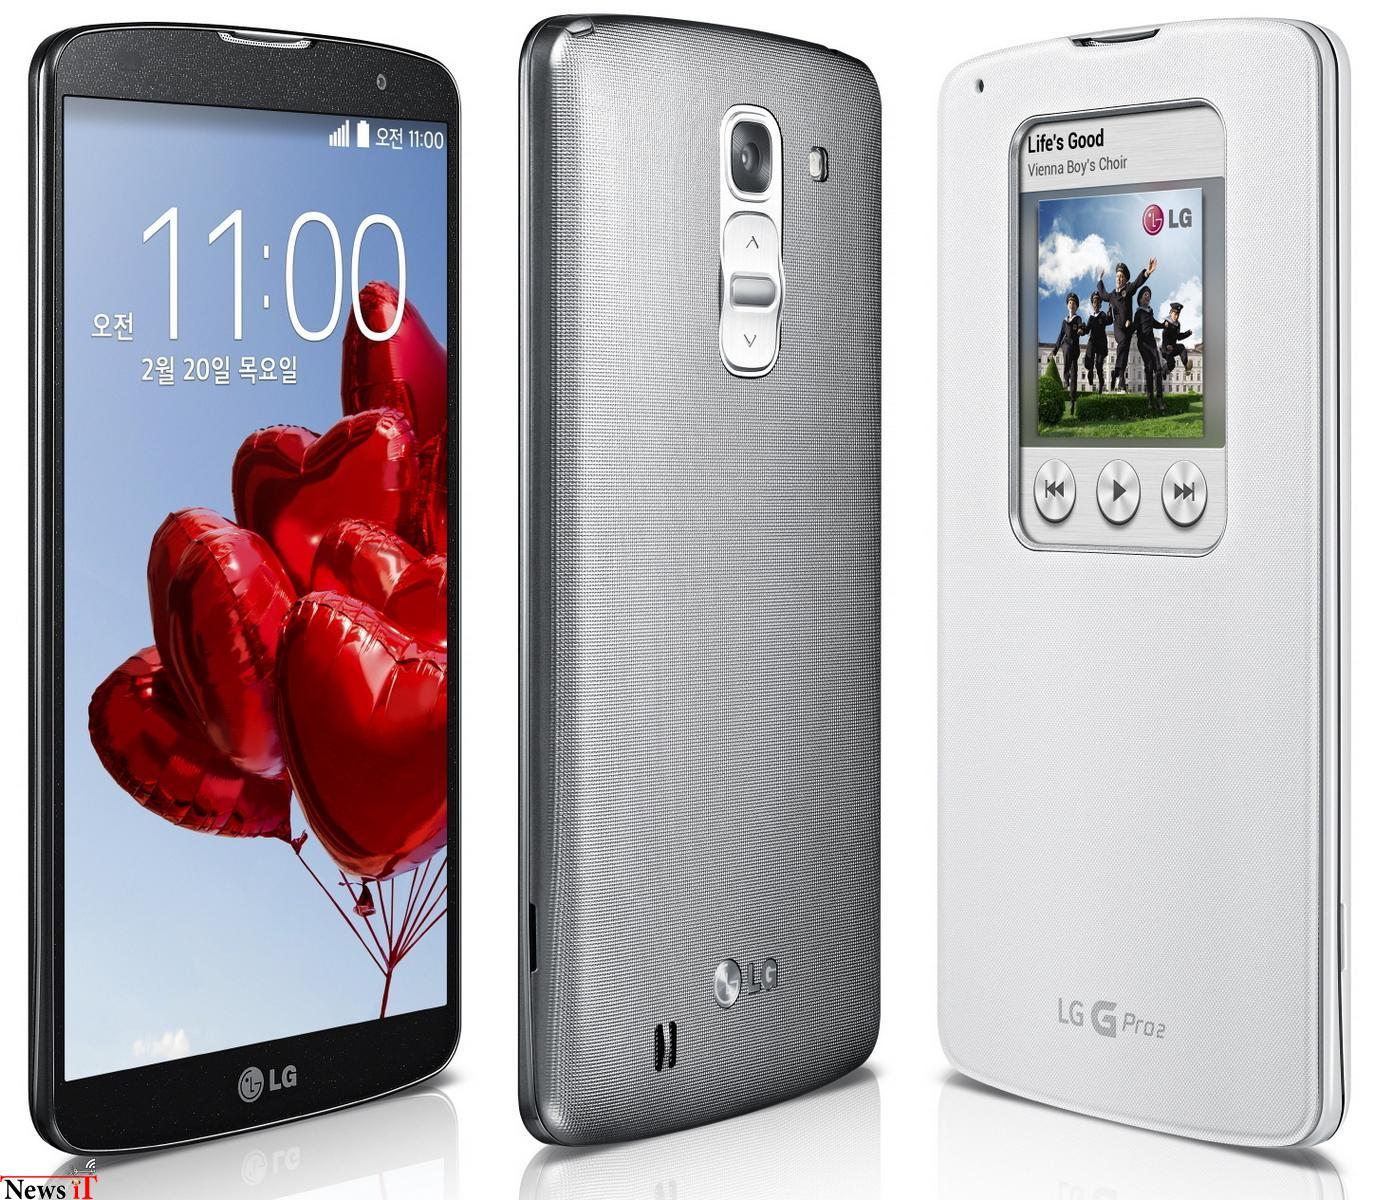 گوشی g pro 2